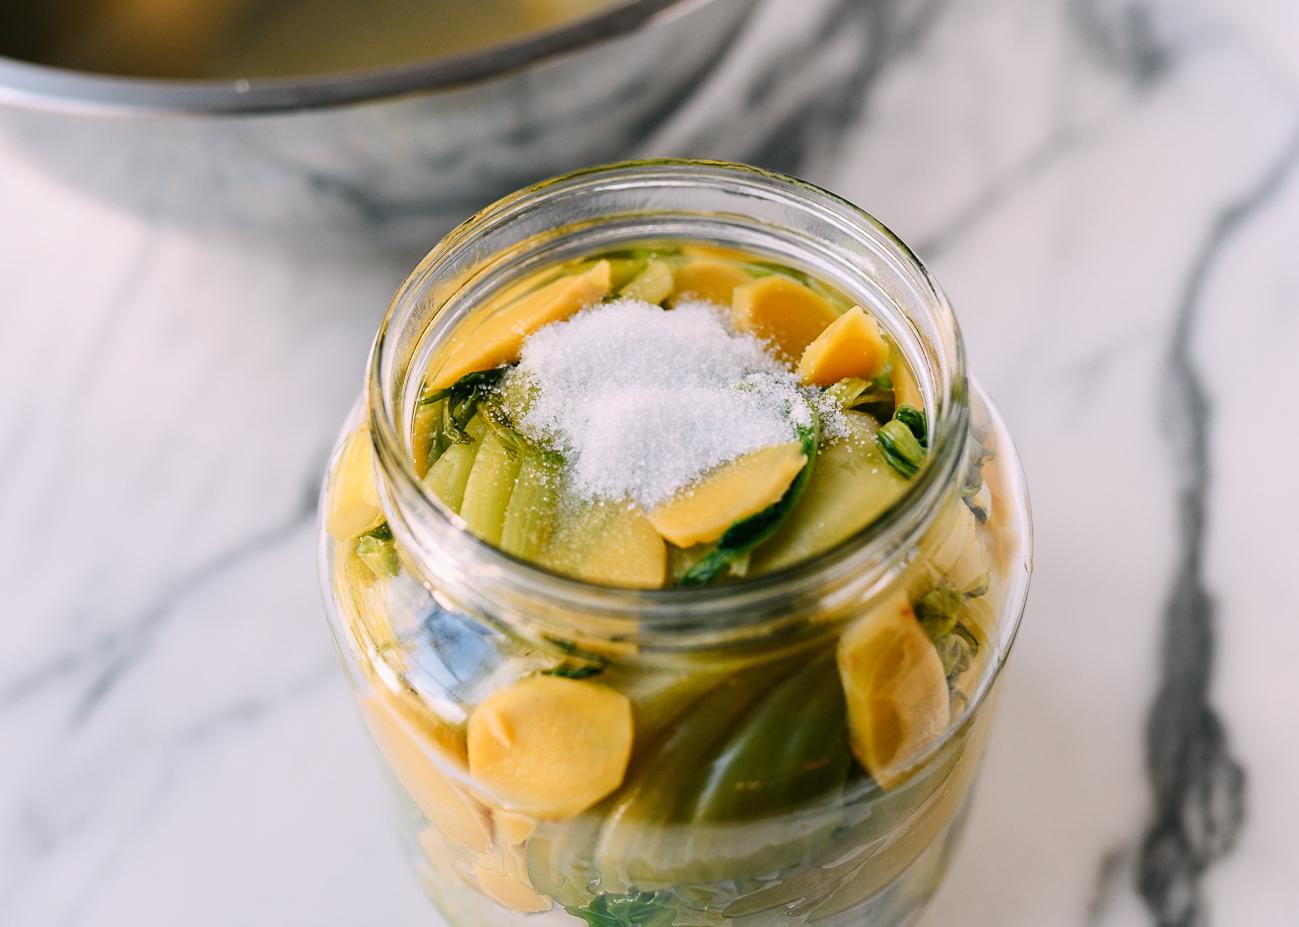 Salt and sugar on top of greens in pickling jar